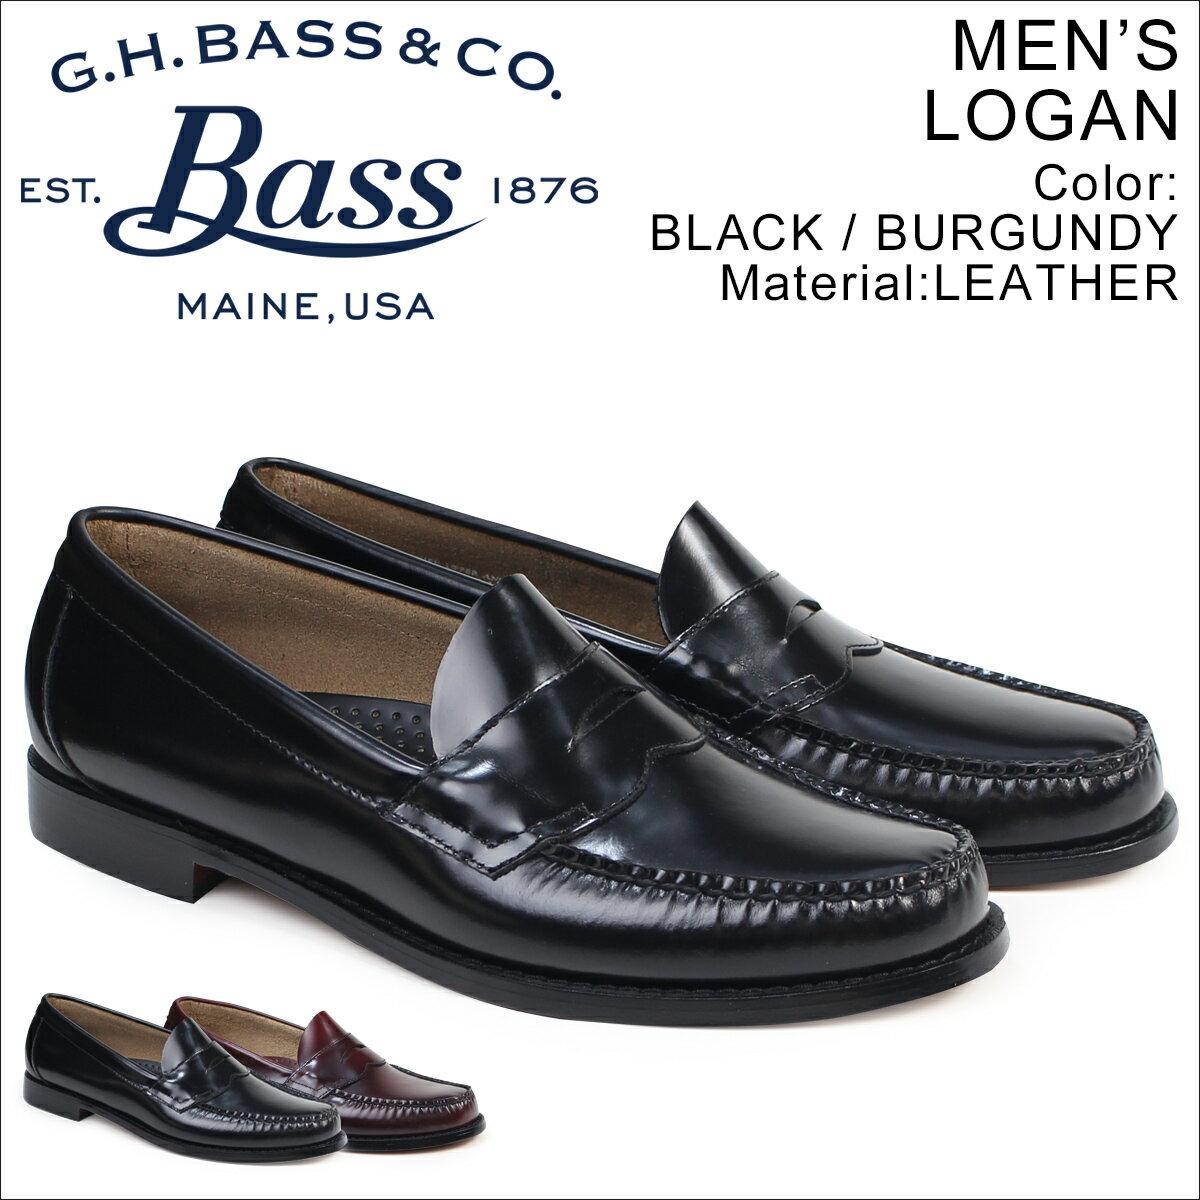 G.H. BASS ローファー ジーエイチバス メンズ LOGAN 70-10944 70-10949 靴 2カラー [2/1 再入荷]